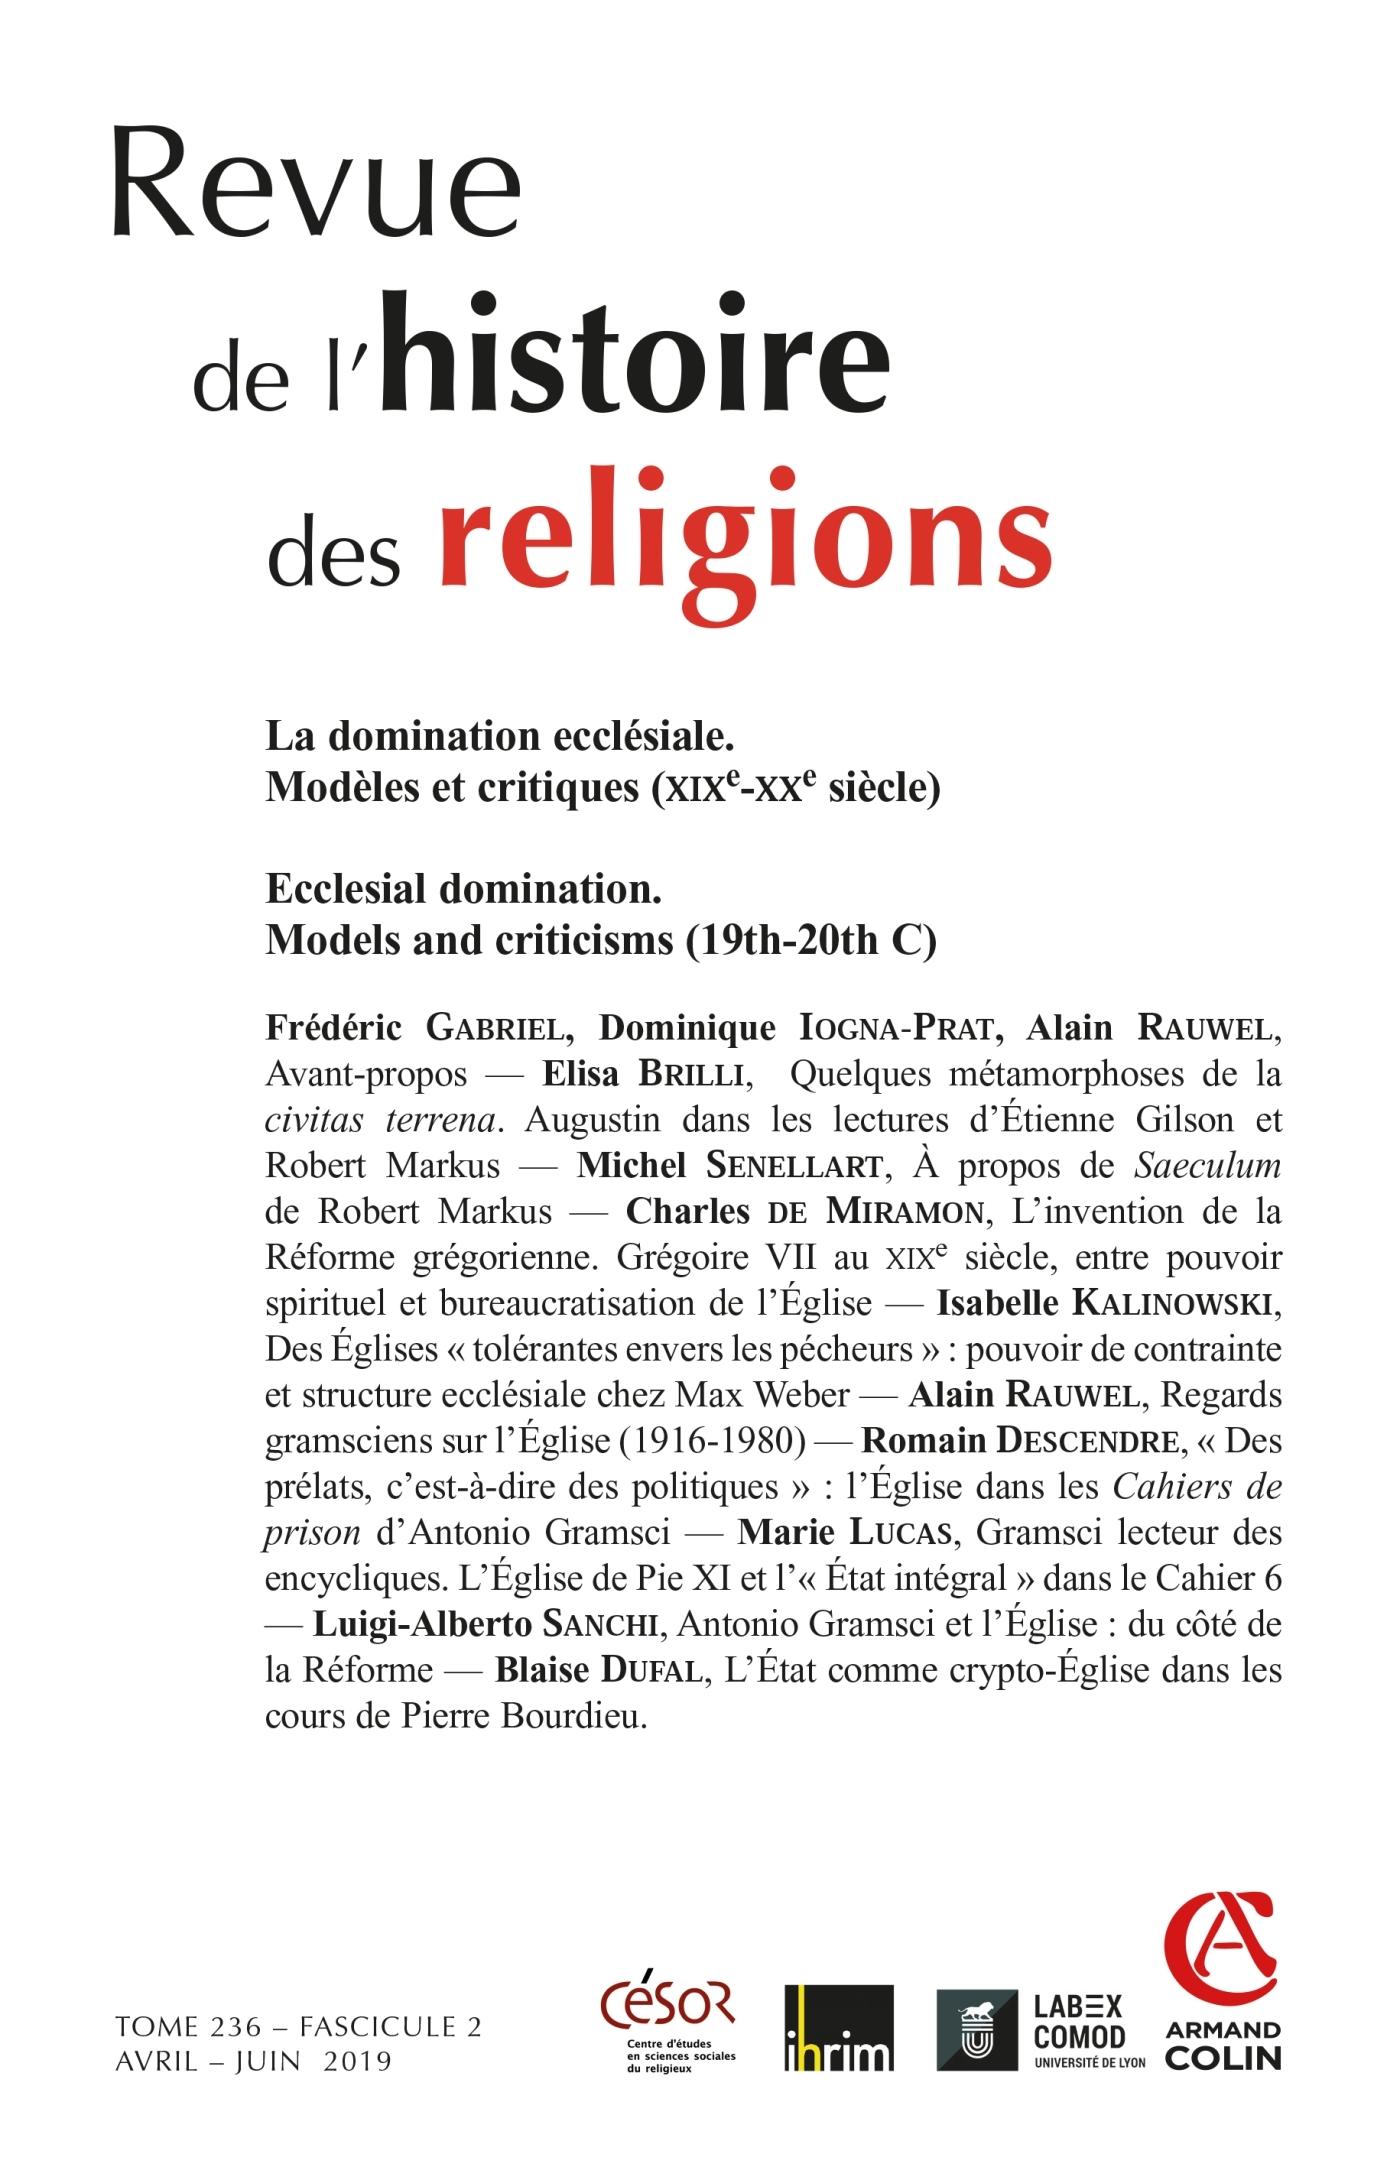 REVUE DE L'HISTOIRE DES RELIGIONS - N 2/2019